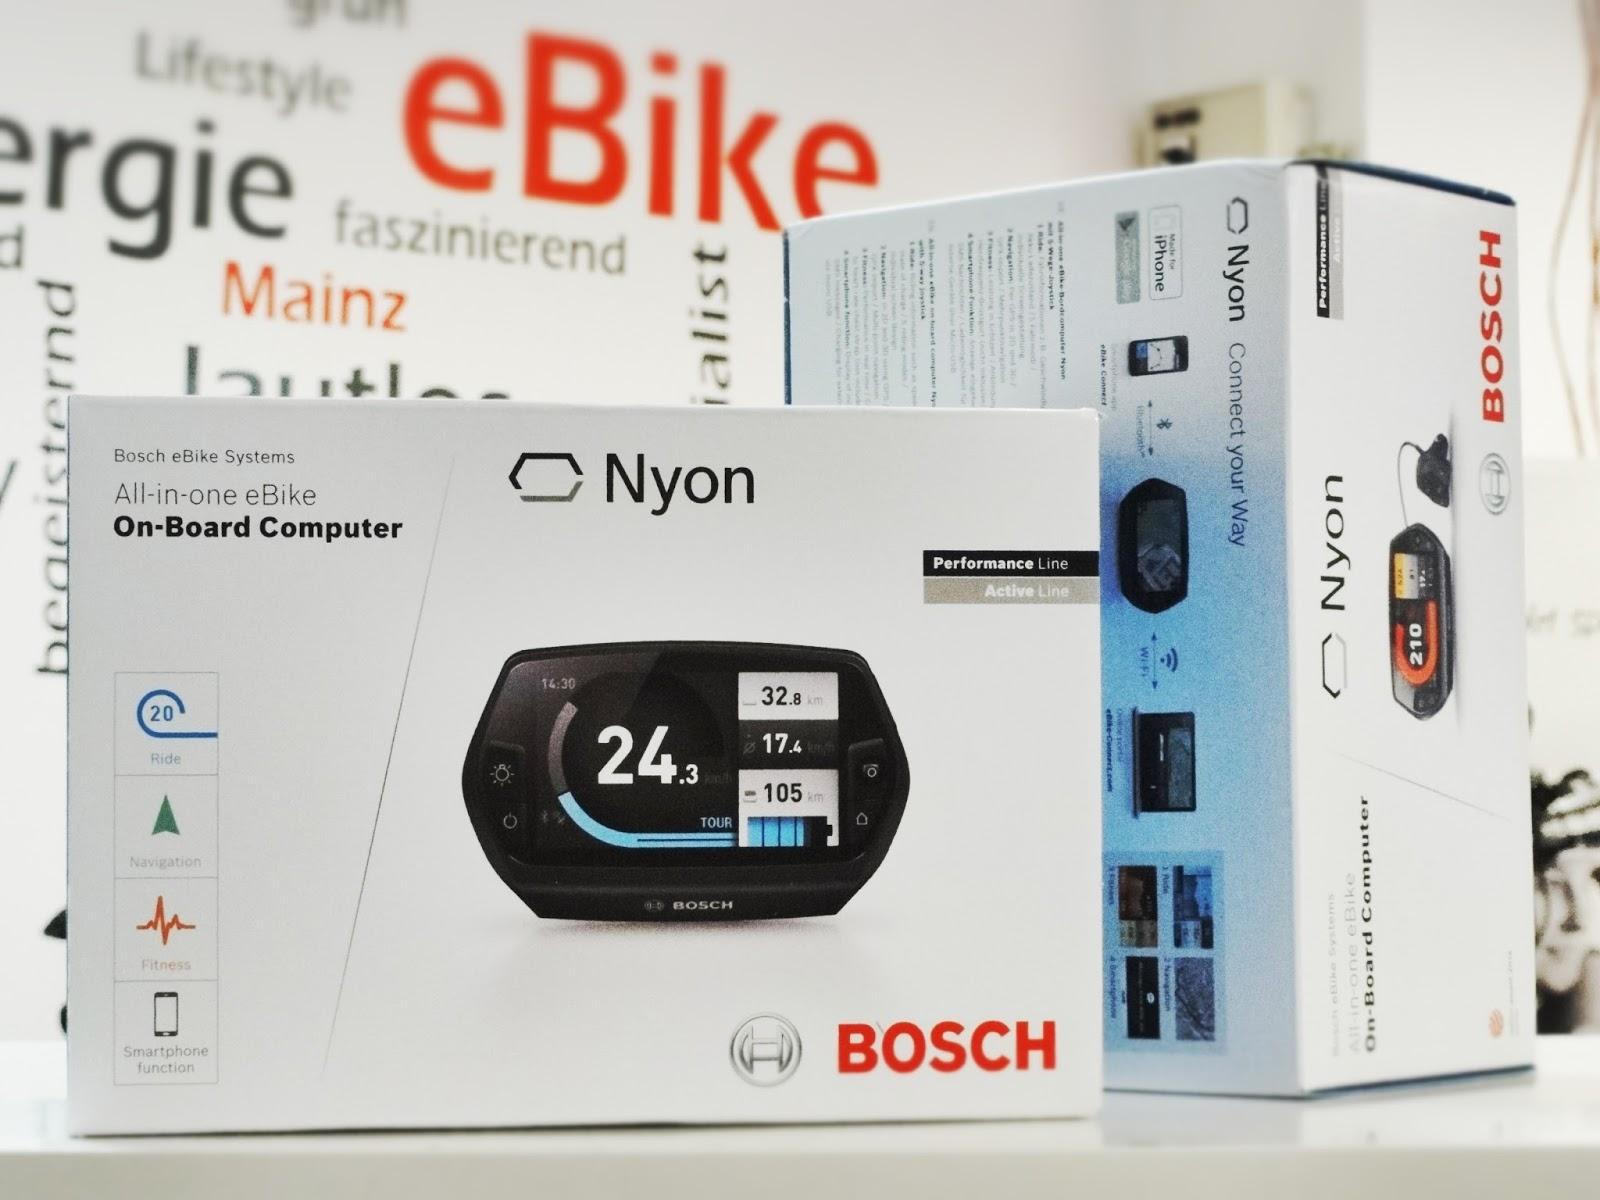 bosch nyon nachr stset eingetroffen eblog by e bike company mainz. Black Bedroom Furniture Sets. Home Design Ideas